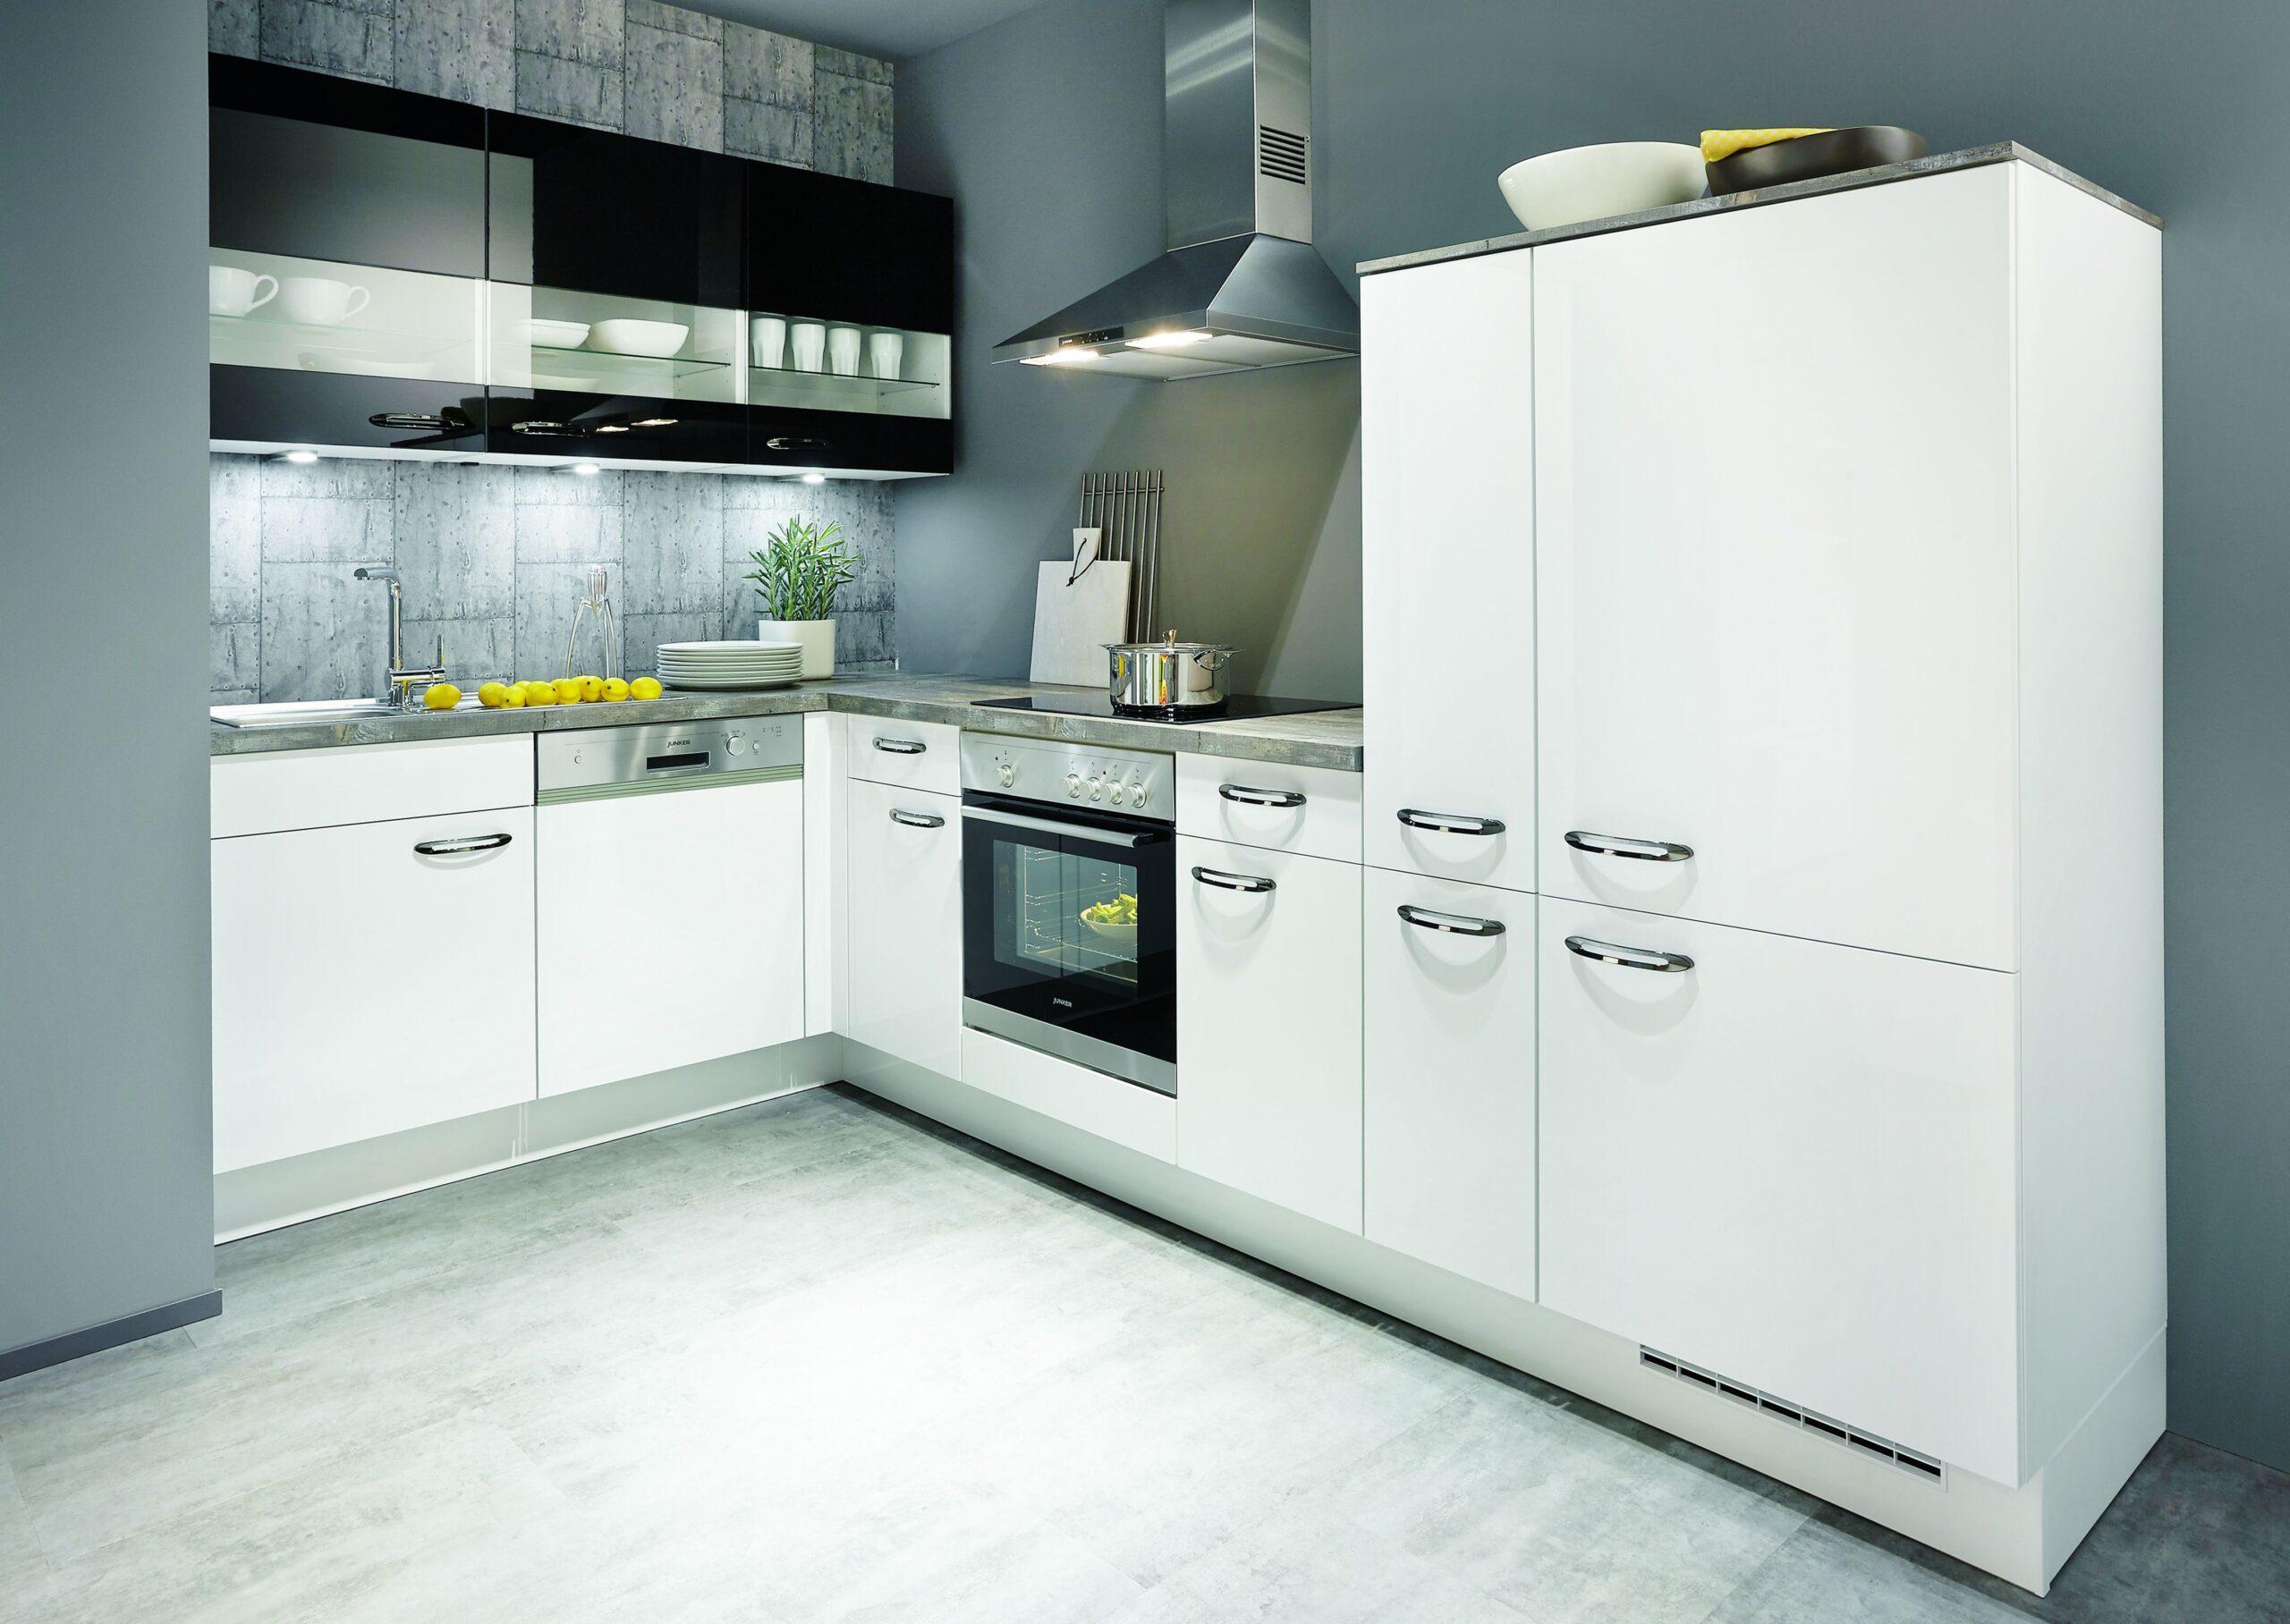 Full Size of Möbelix Küchen Eckkchen Planen Infos Angebote Fr L Kchen Mbelix Regal Wohnzimmer Möbelix Küchen